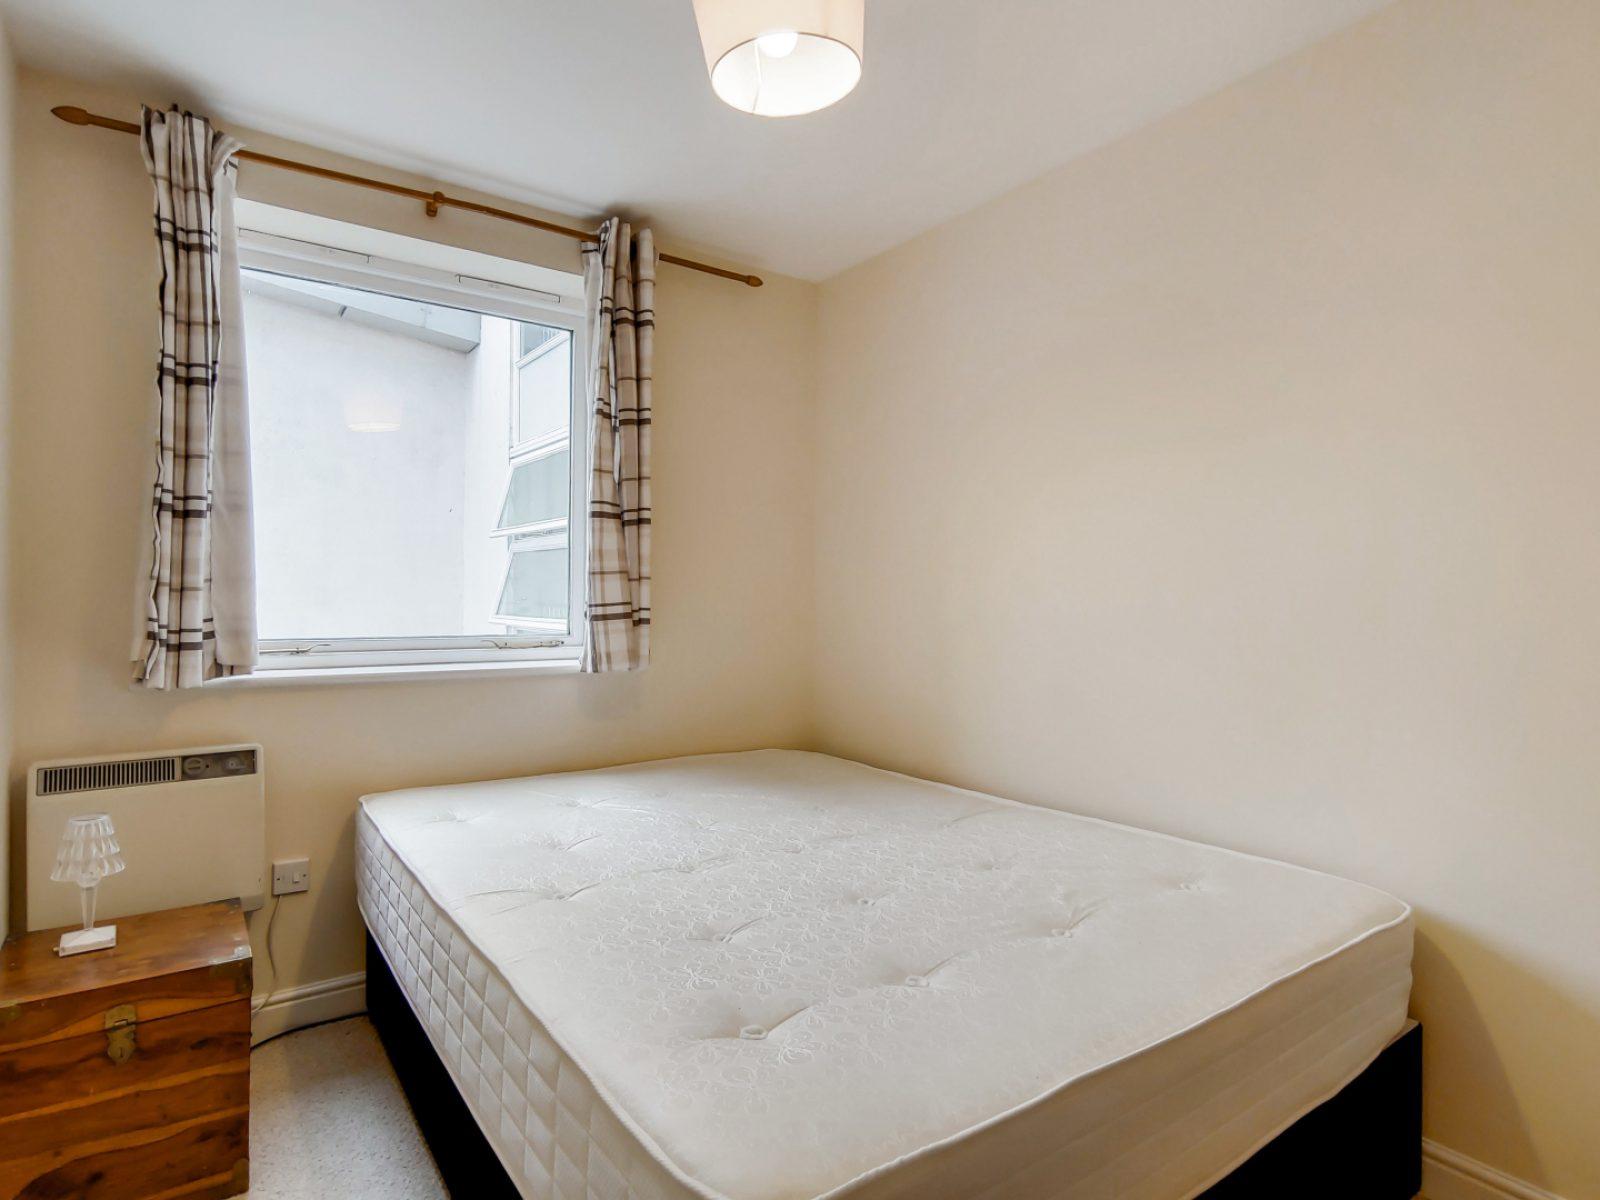 5_Bedroom 2-1